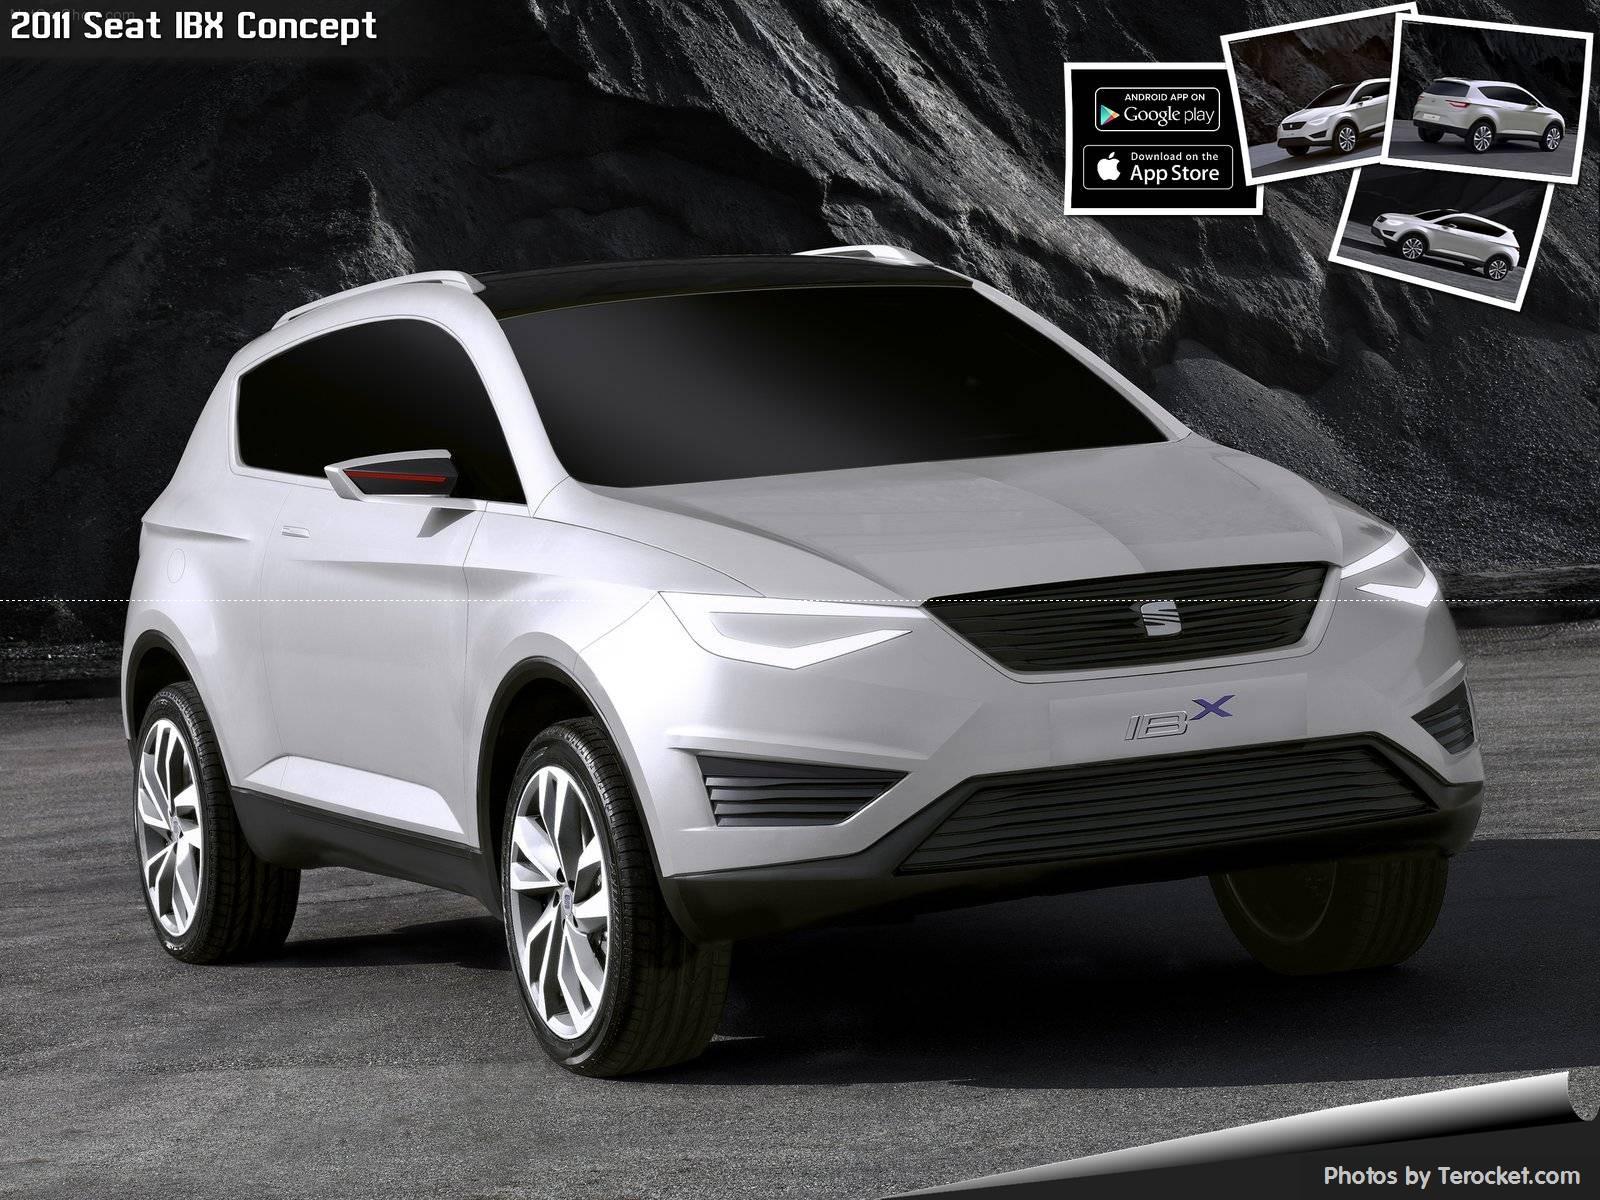 Hình ảnh xe ô tô Seat IBX Concept 2011 & nội ngoại thất